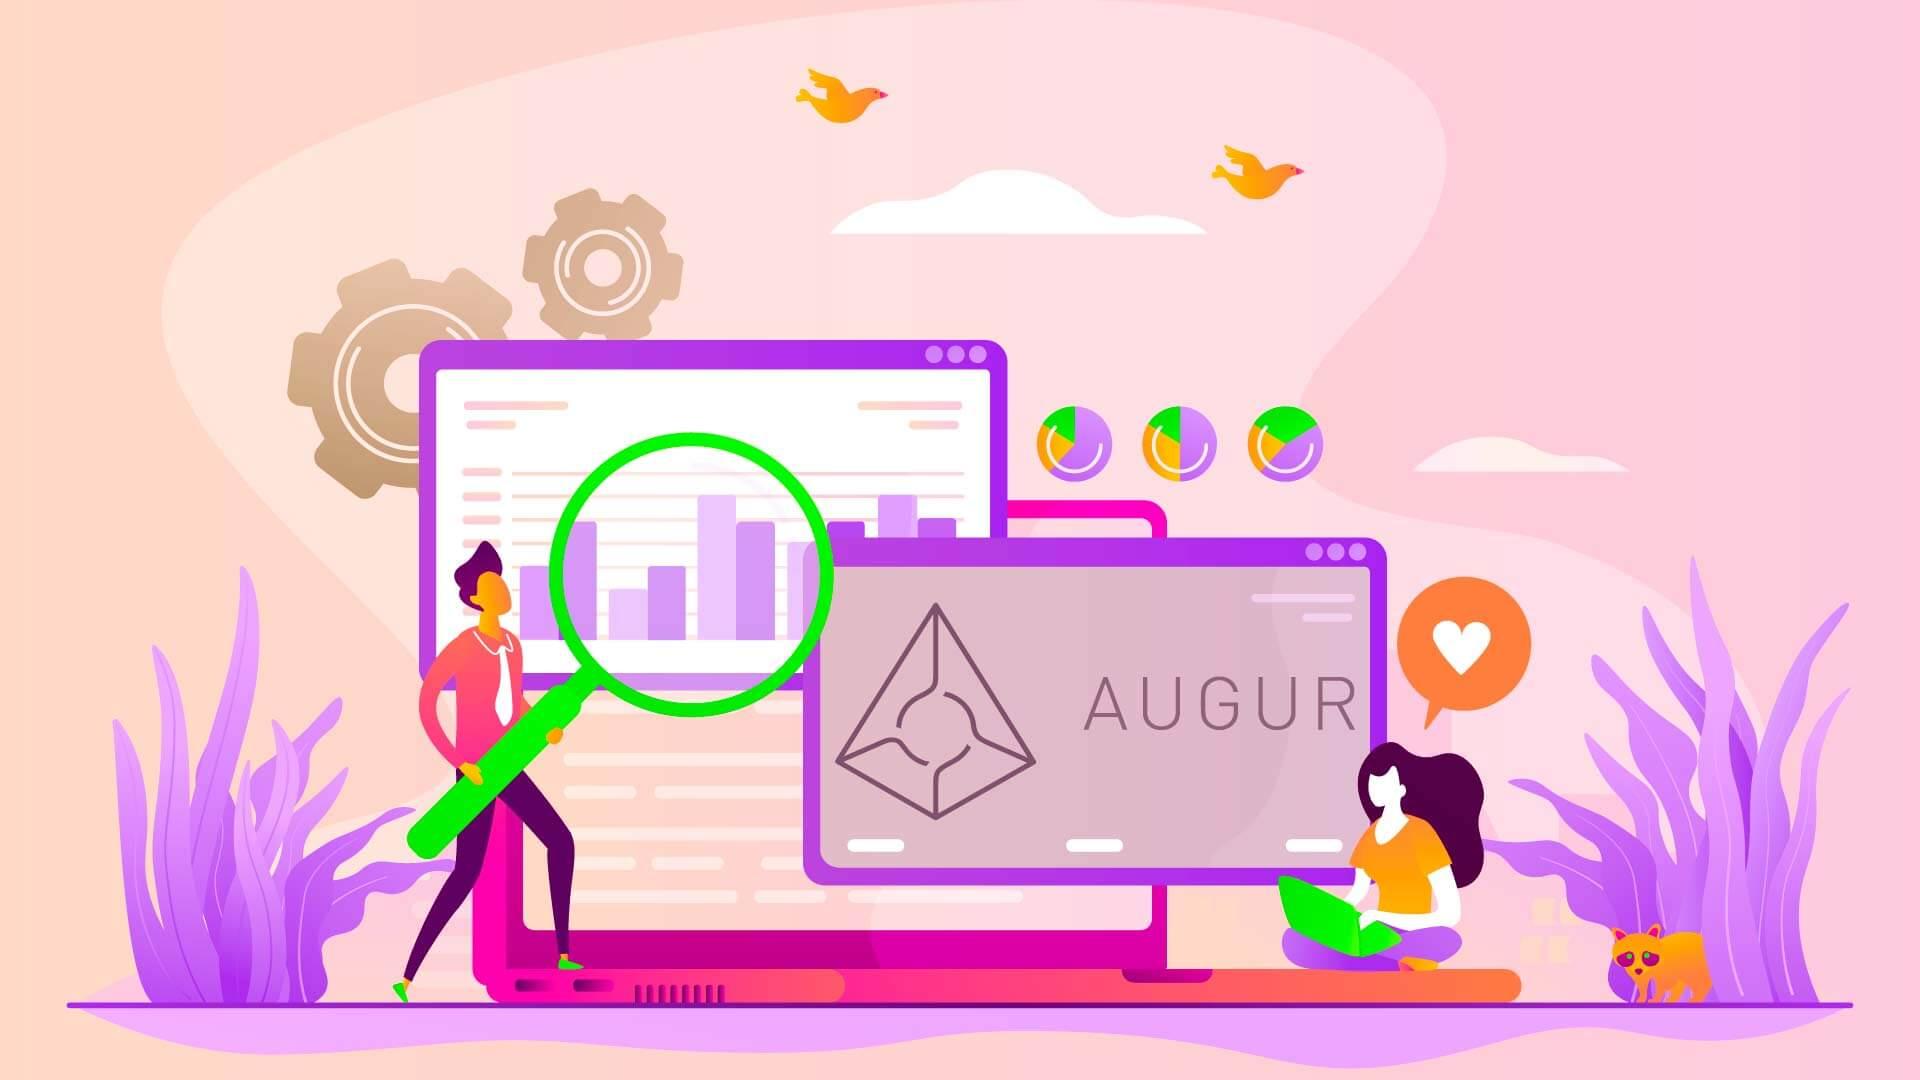 <bold>Augur</bold> (REP) Price Movement Exhibits Sluggish Momentum